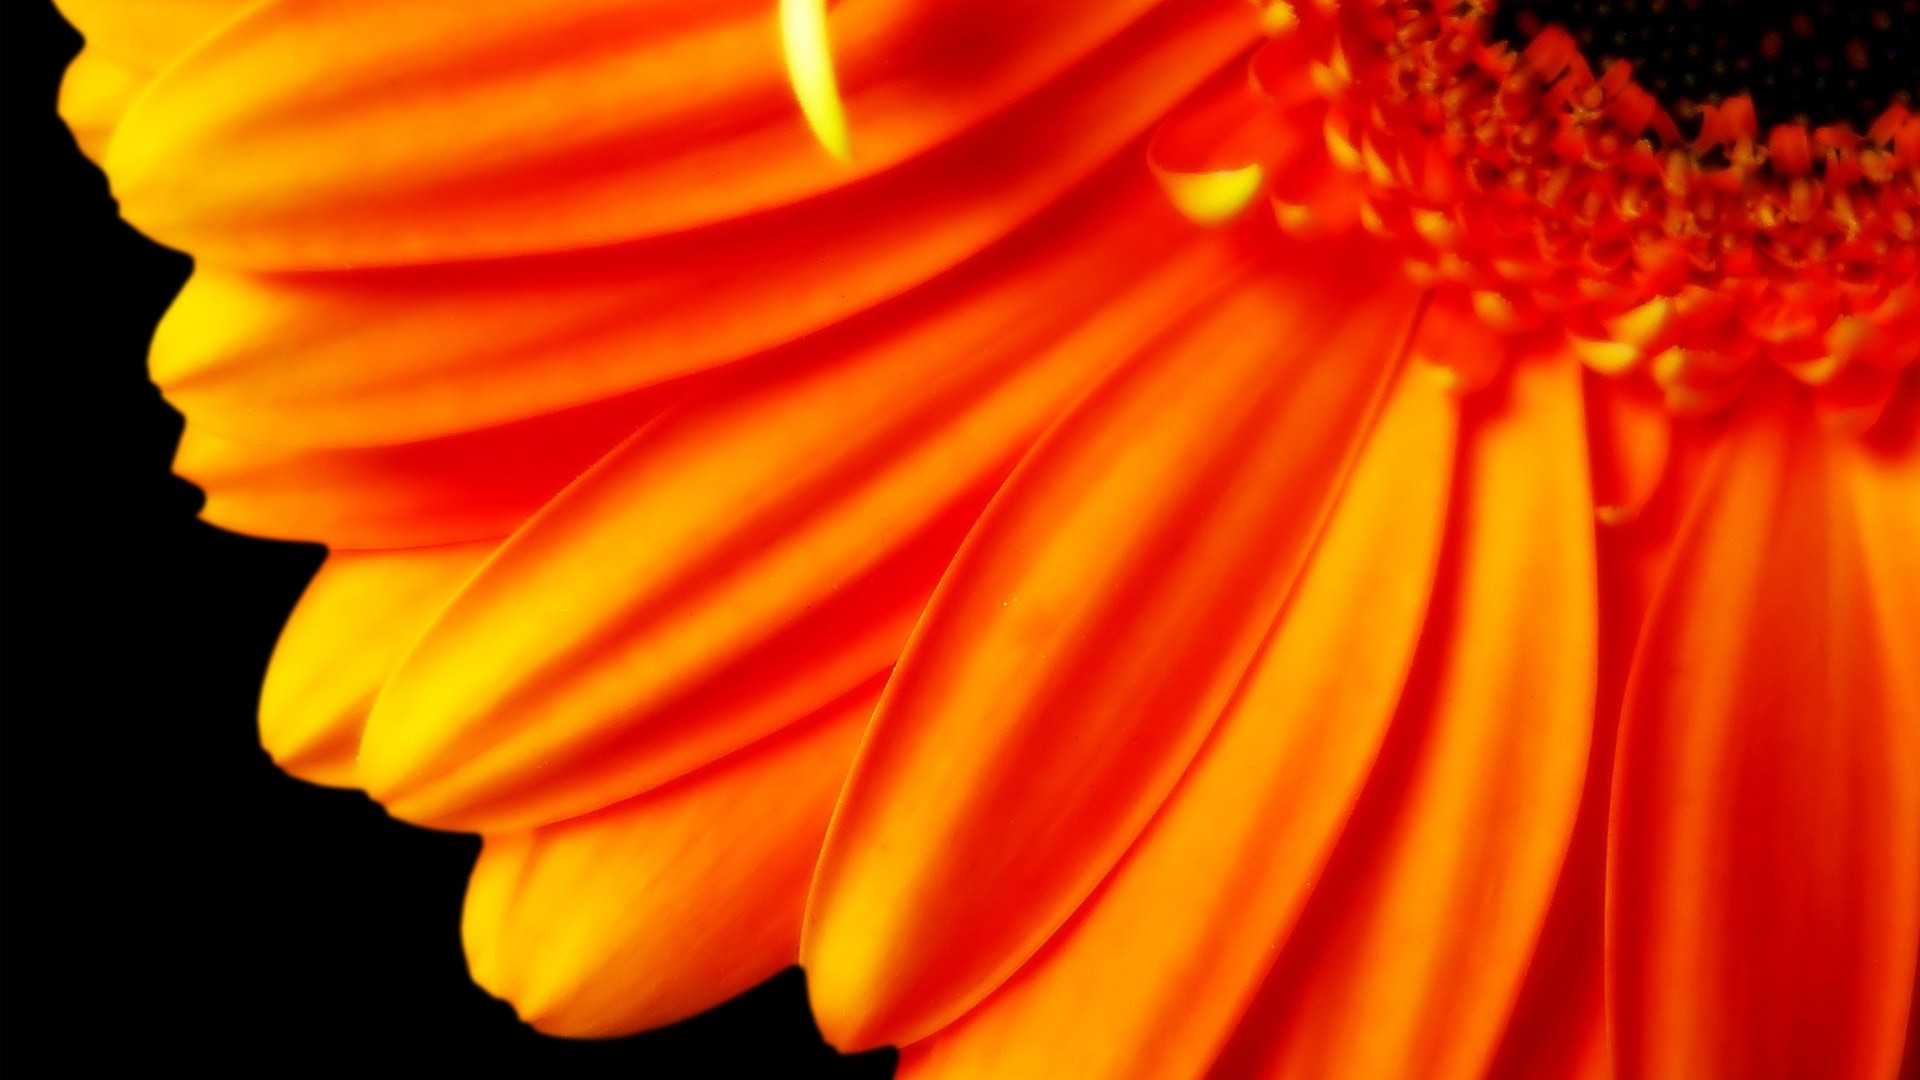 Pure Orange Flower 1080p